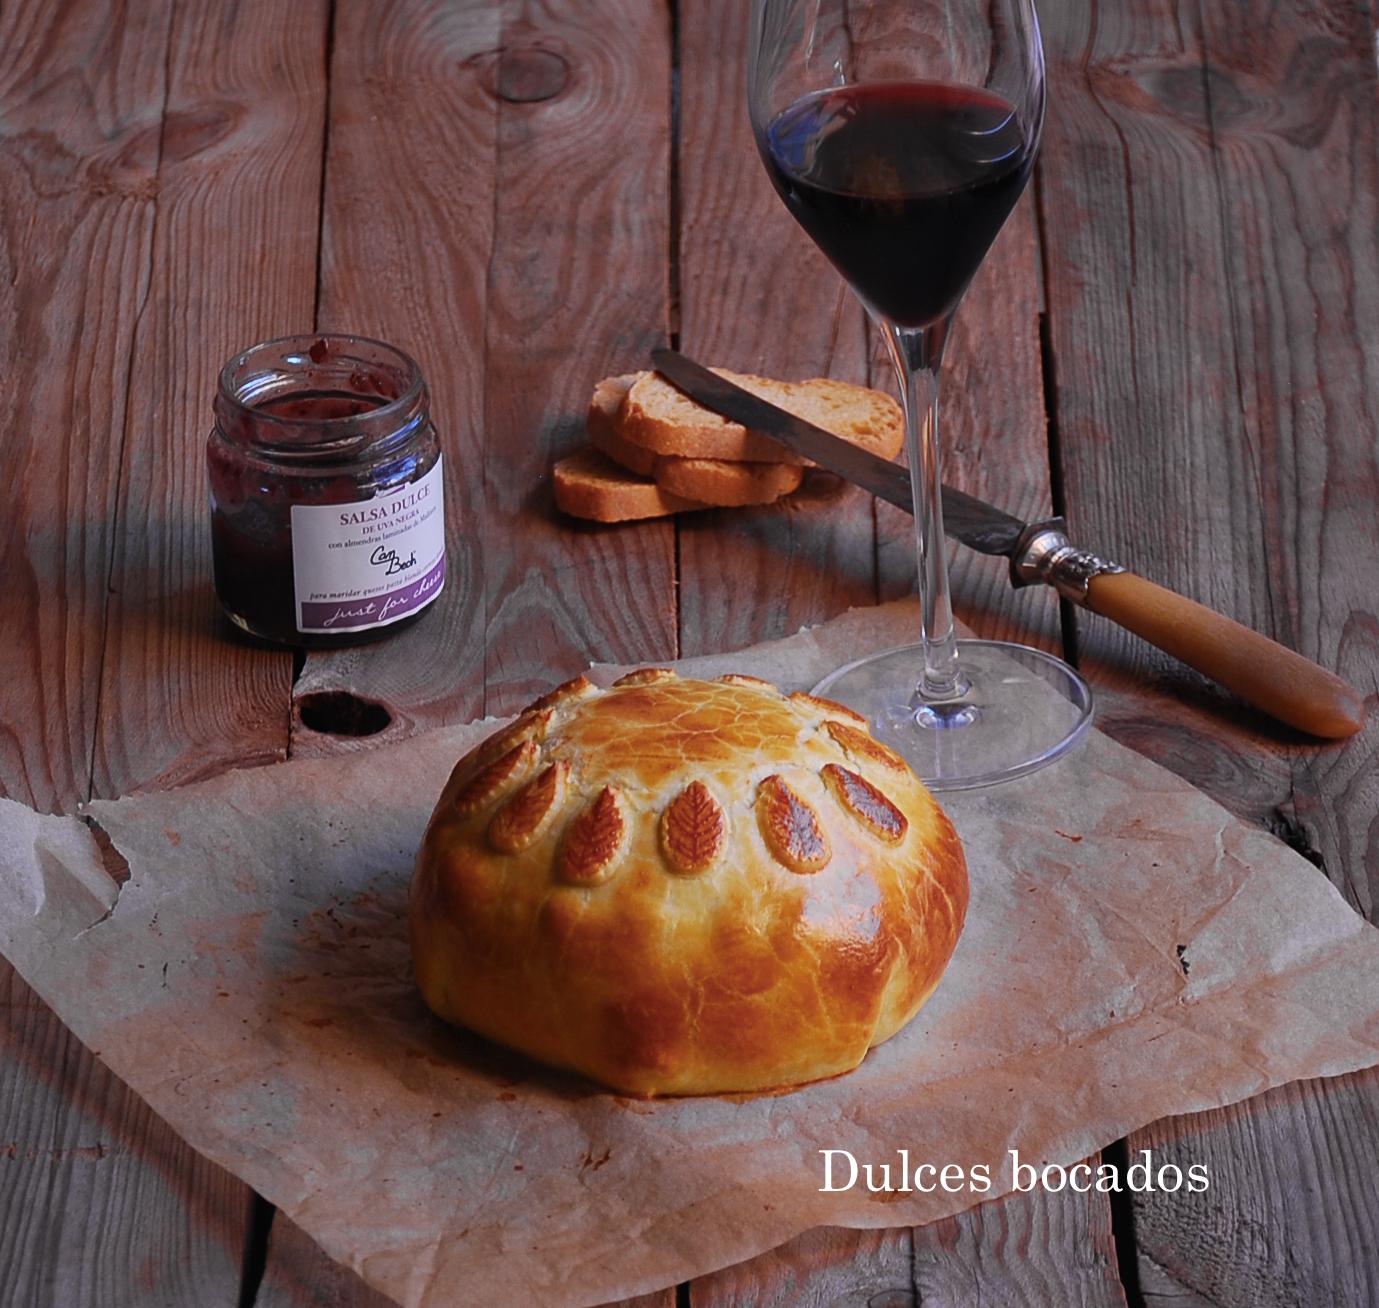 Camembert con jamon iberico salsa de uvas hojaldre - dulces bocados